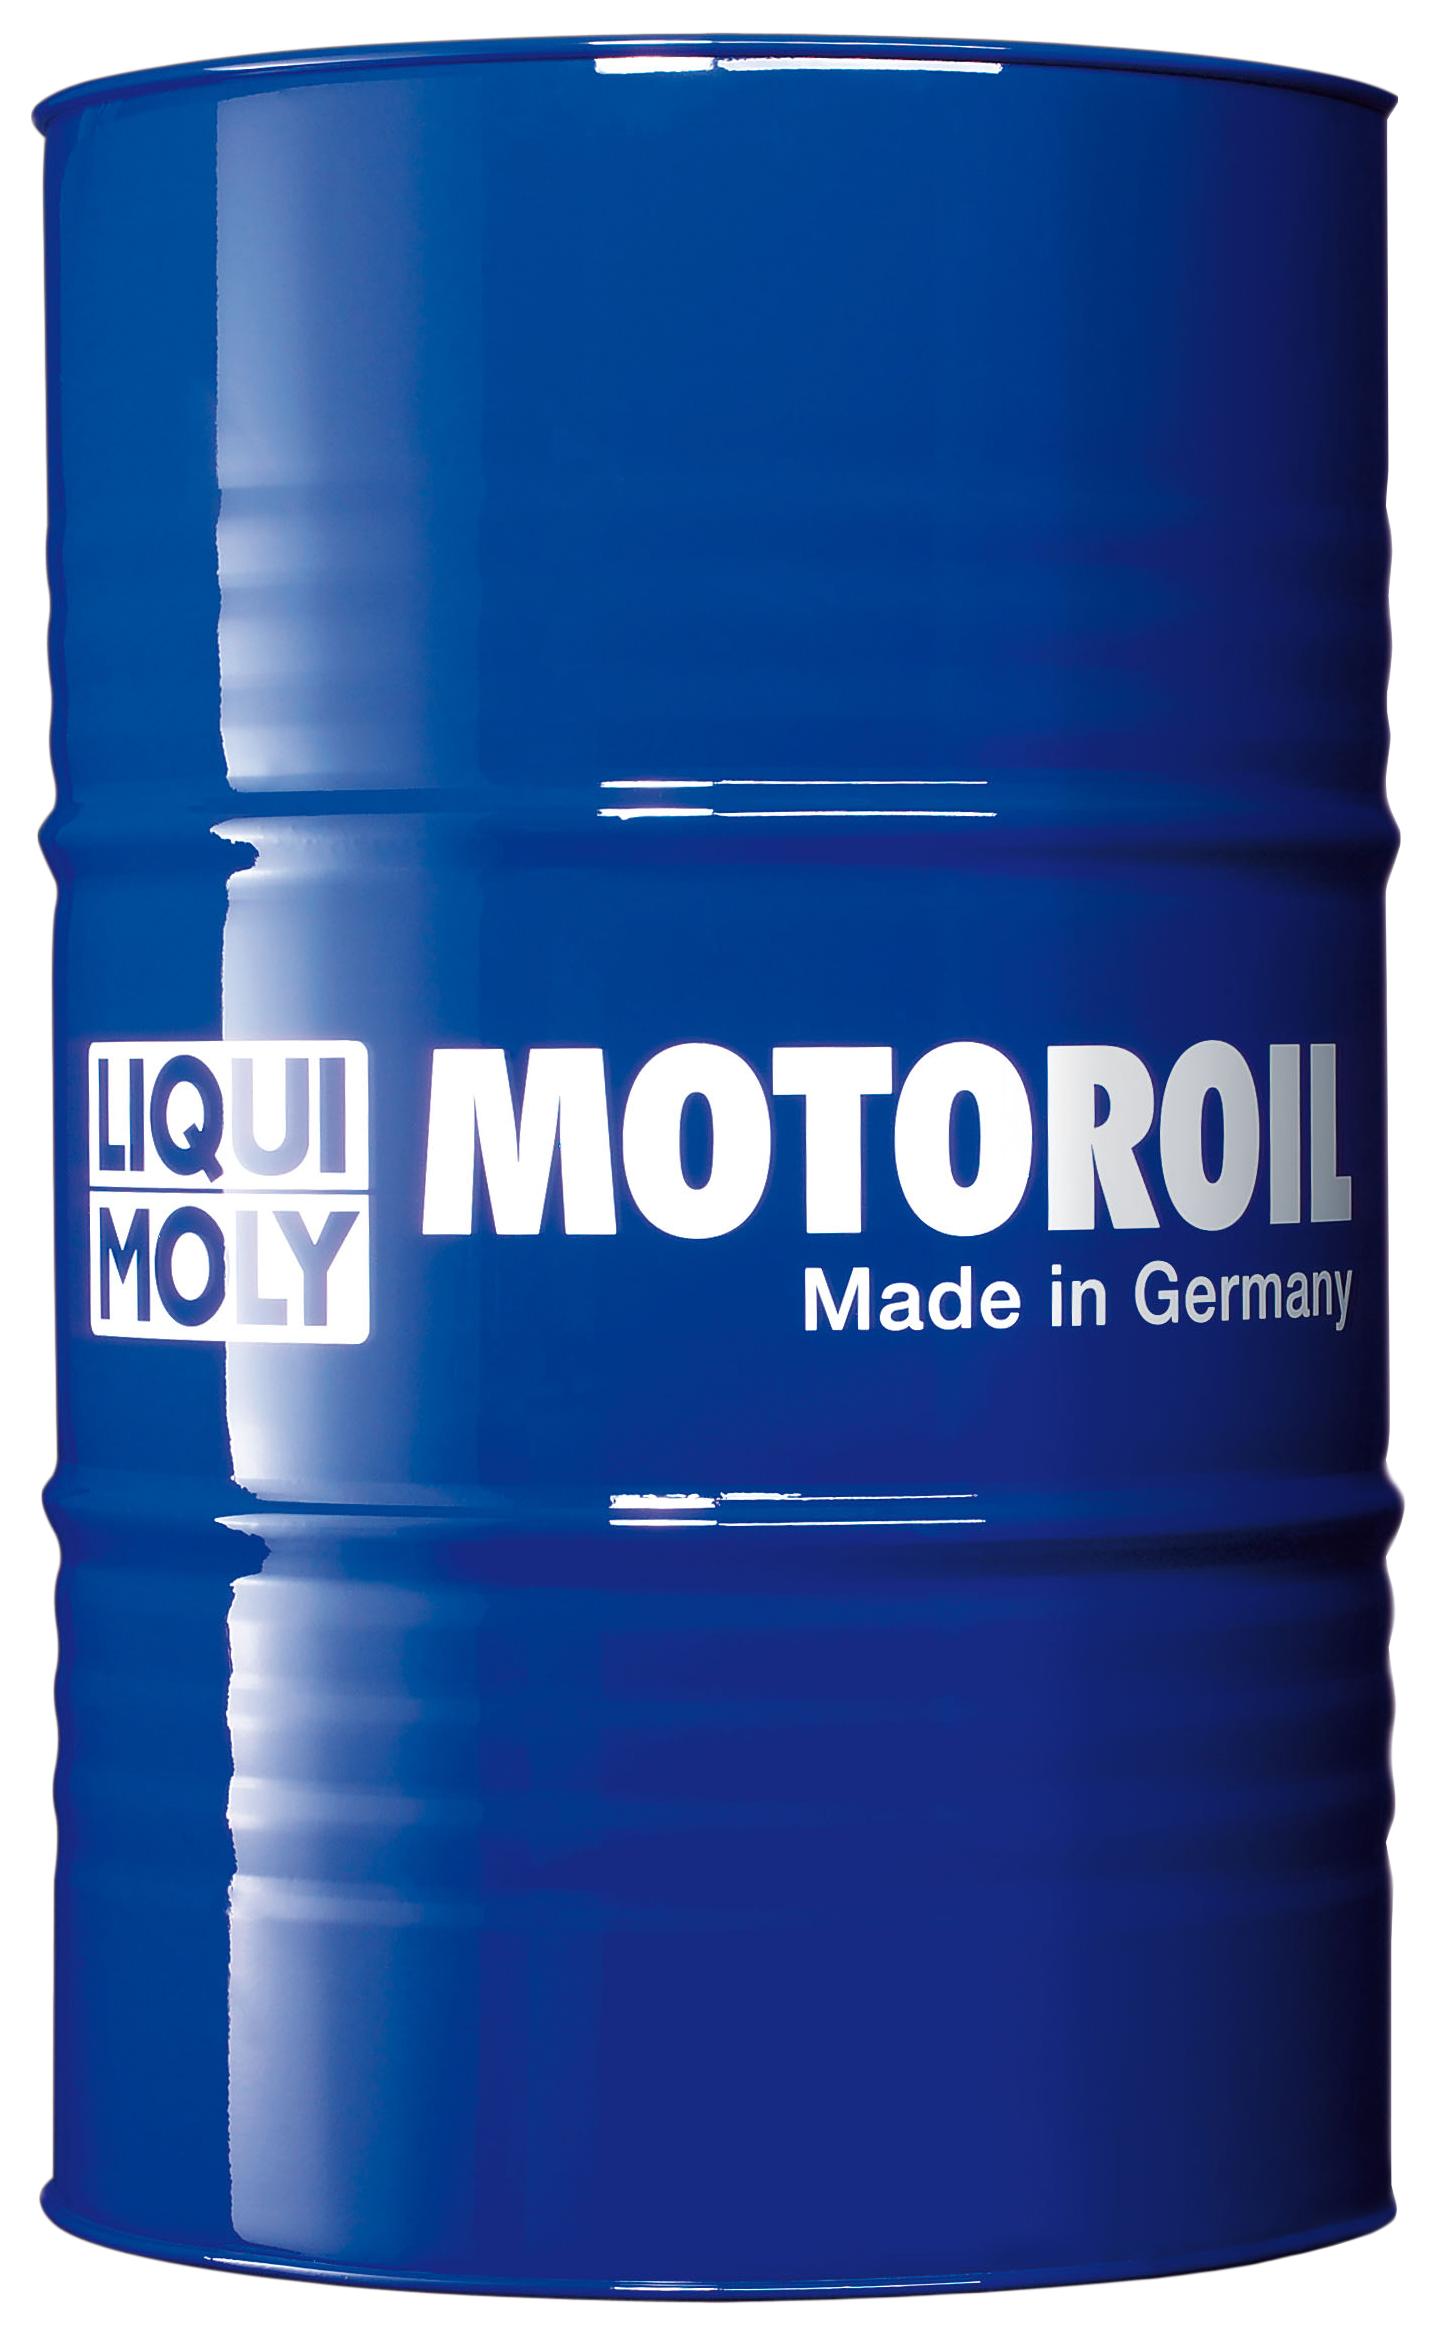 Моторное масло Liqui moly Molygen New Generation 5w-30 60л фото